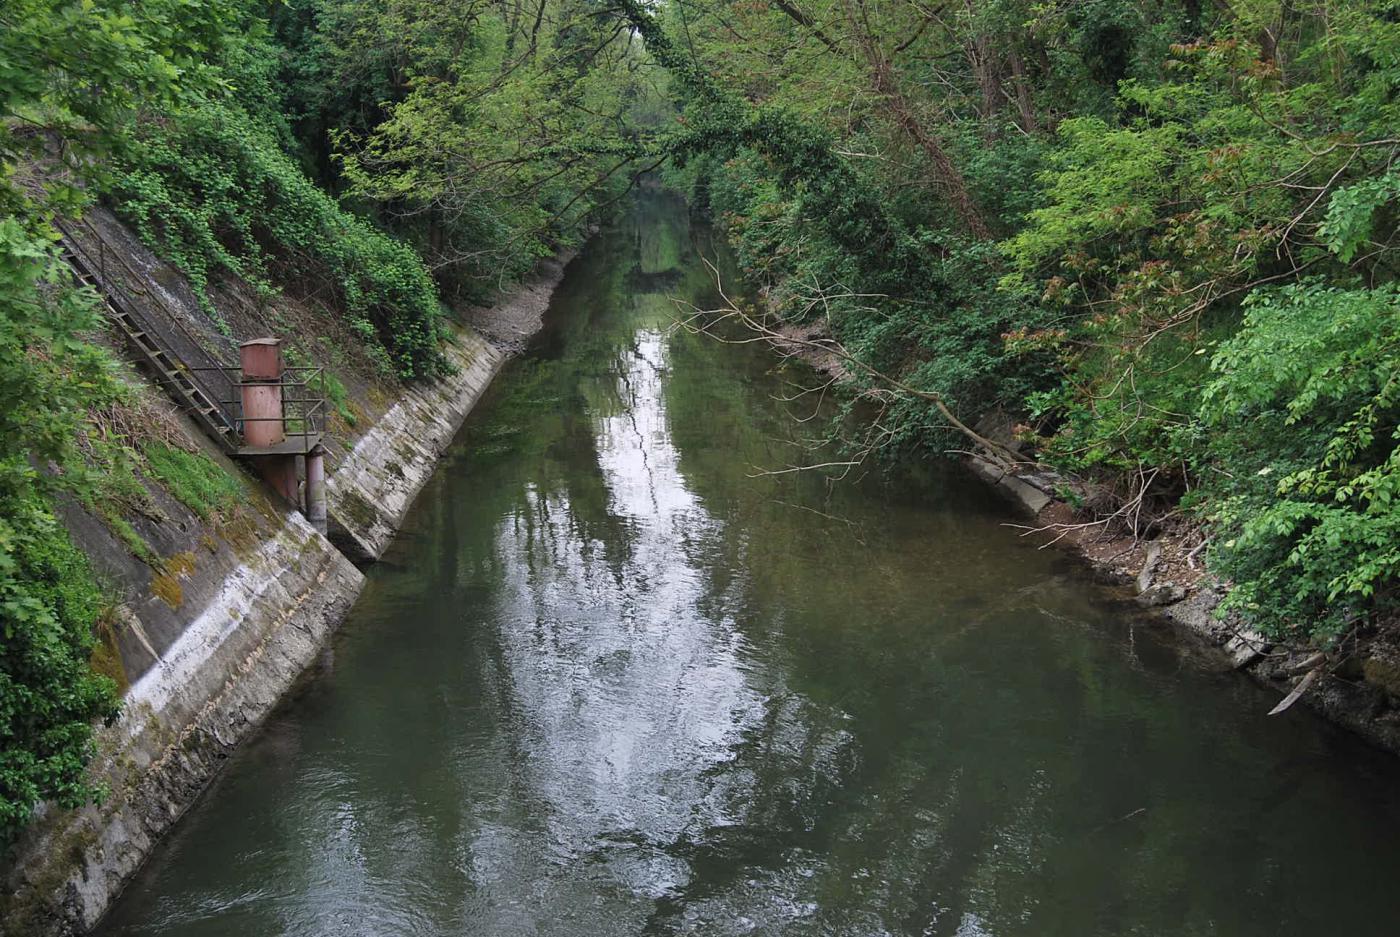 Il Naviglio Sforzesco, dopo la presa del Canale Conti, si dirige verso il centro di Vigevano